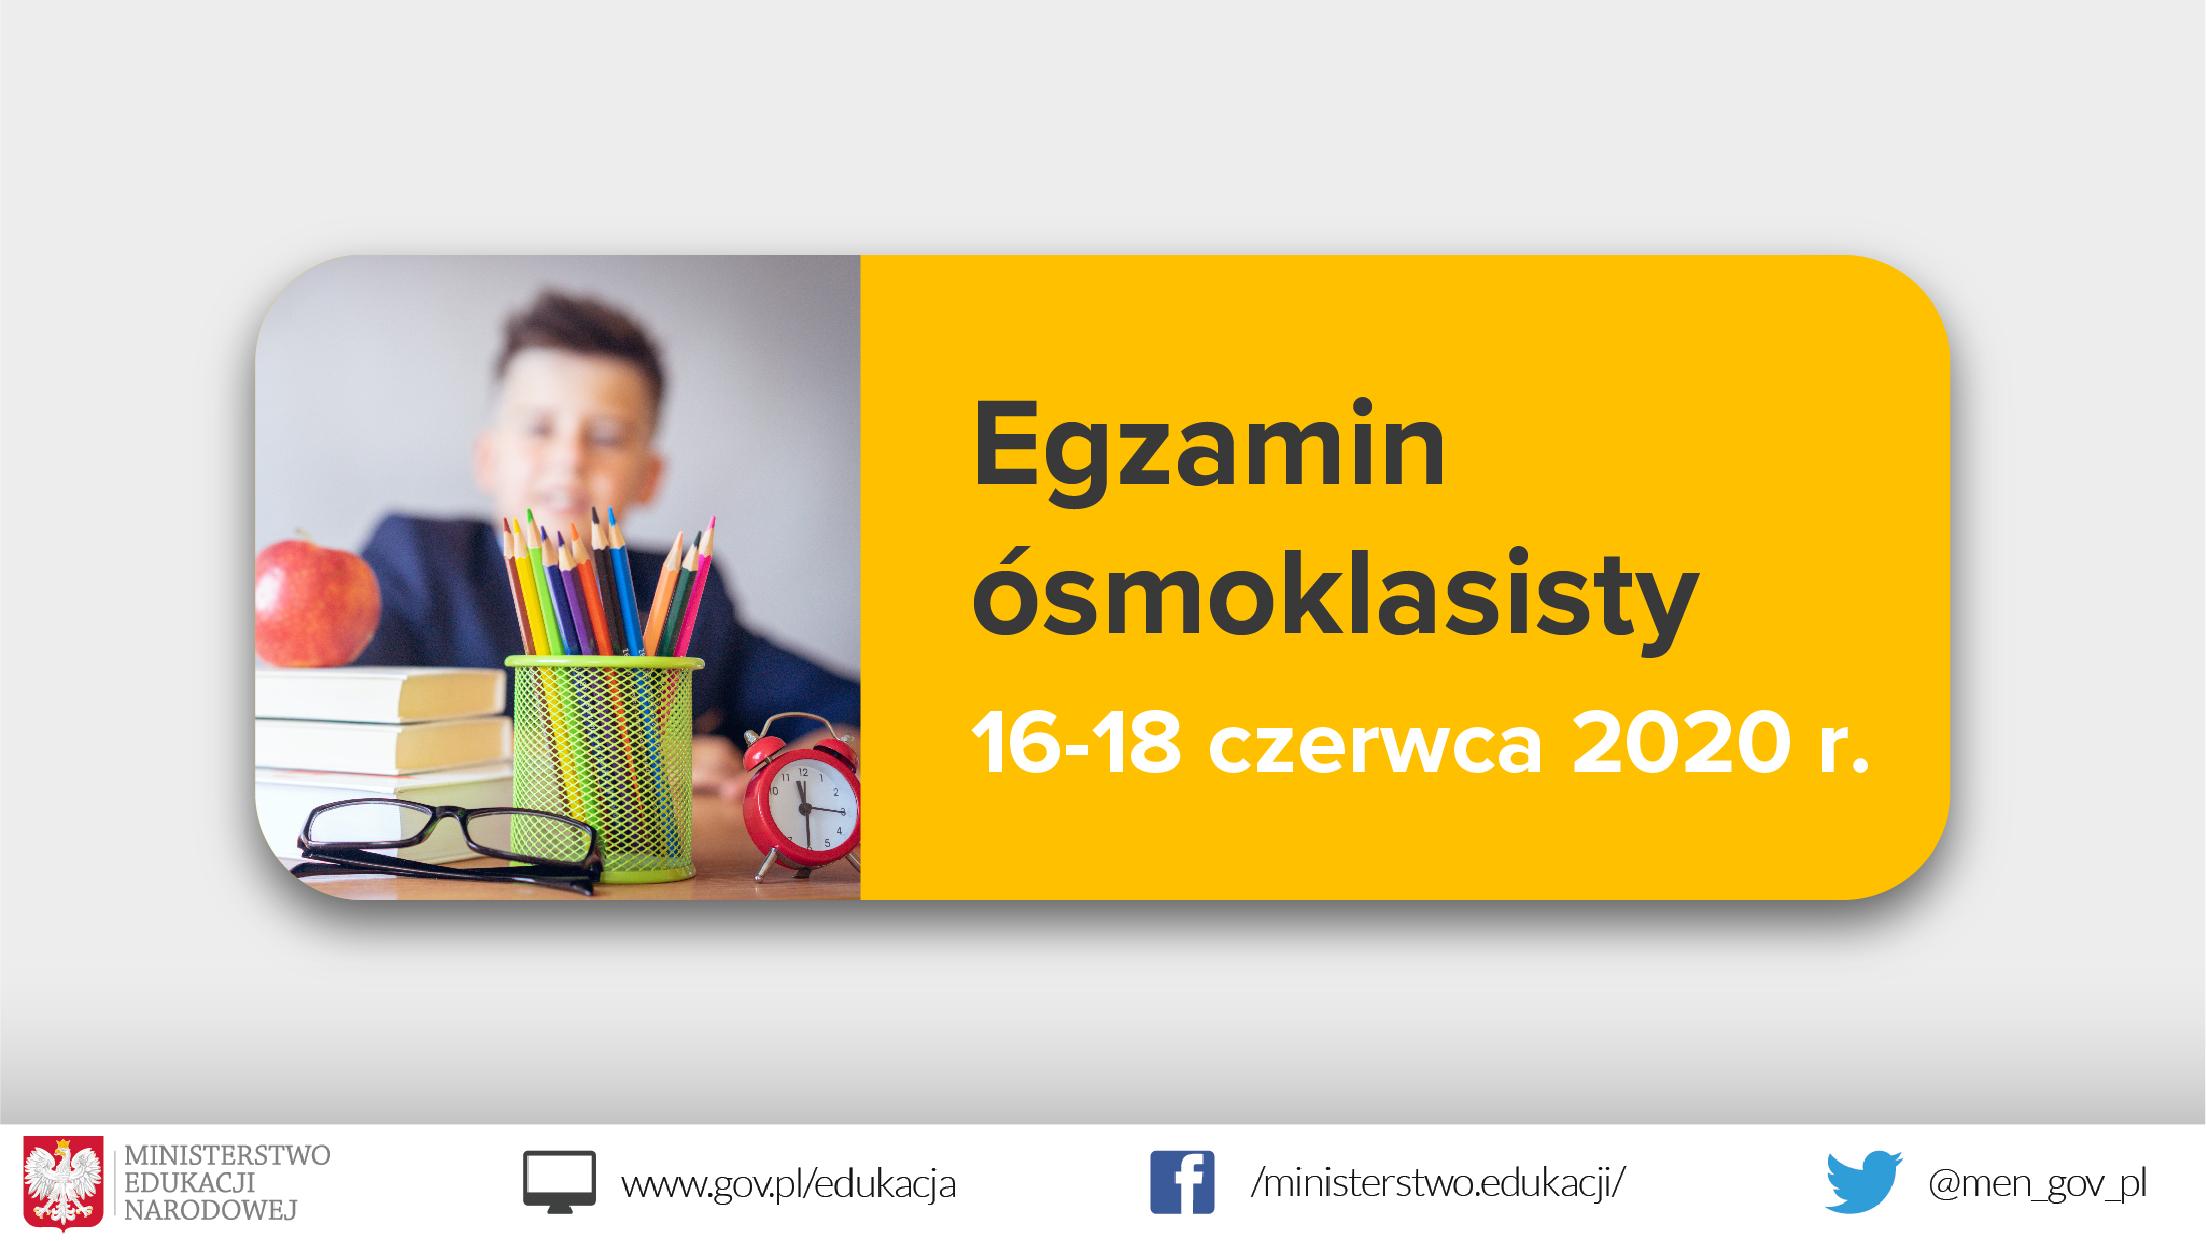 """Jasnoszare tło, zdjęcie przyborów szkolnych po lewo, tekst po prawej stronie na żółtym tle: """"Egzamin ósmoklasisty 16-18 czerwca 2020 r."""""""